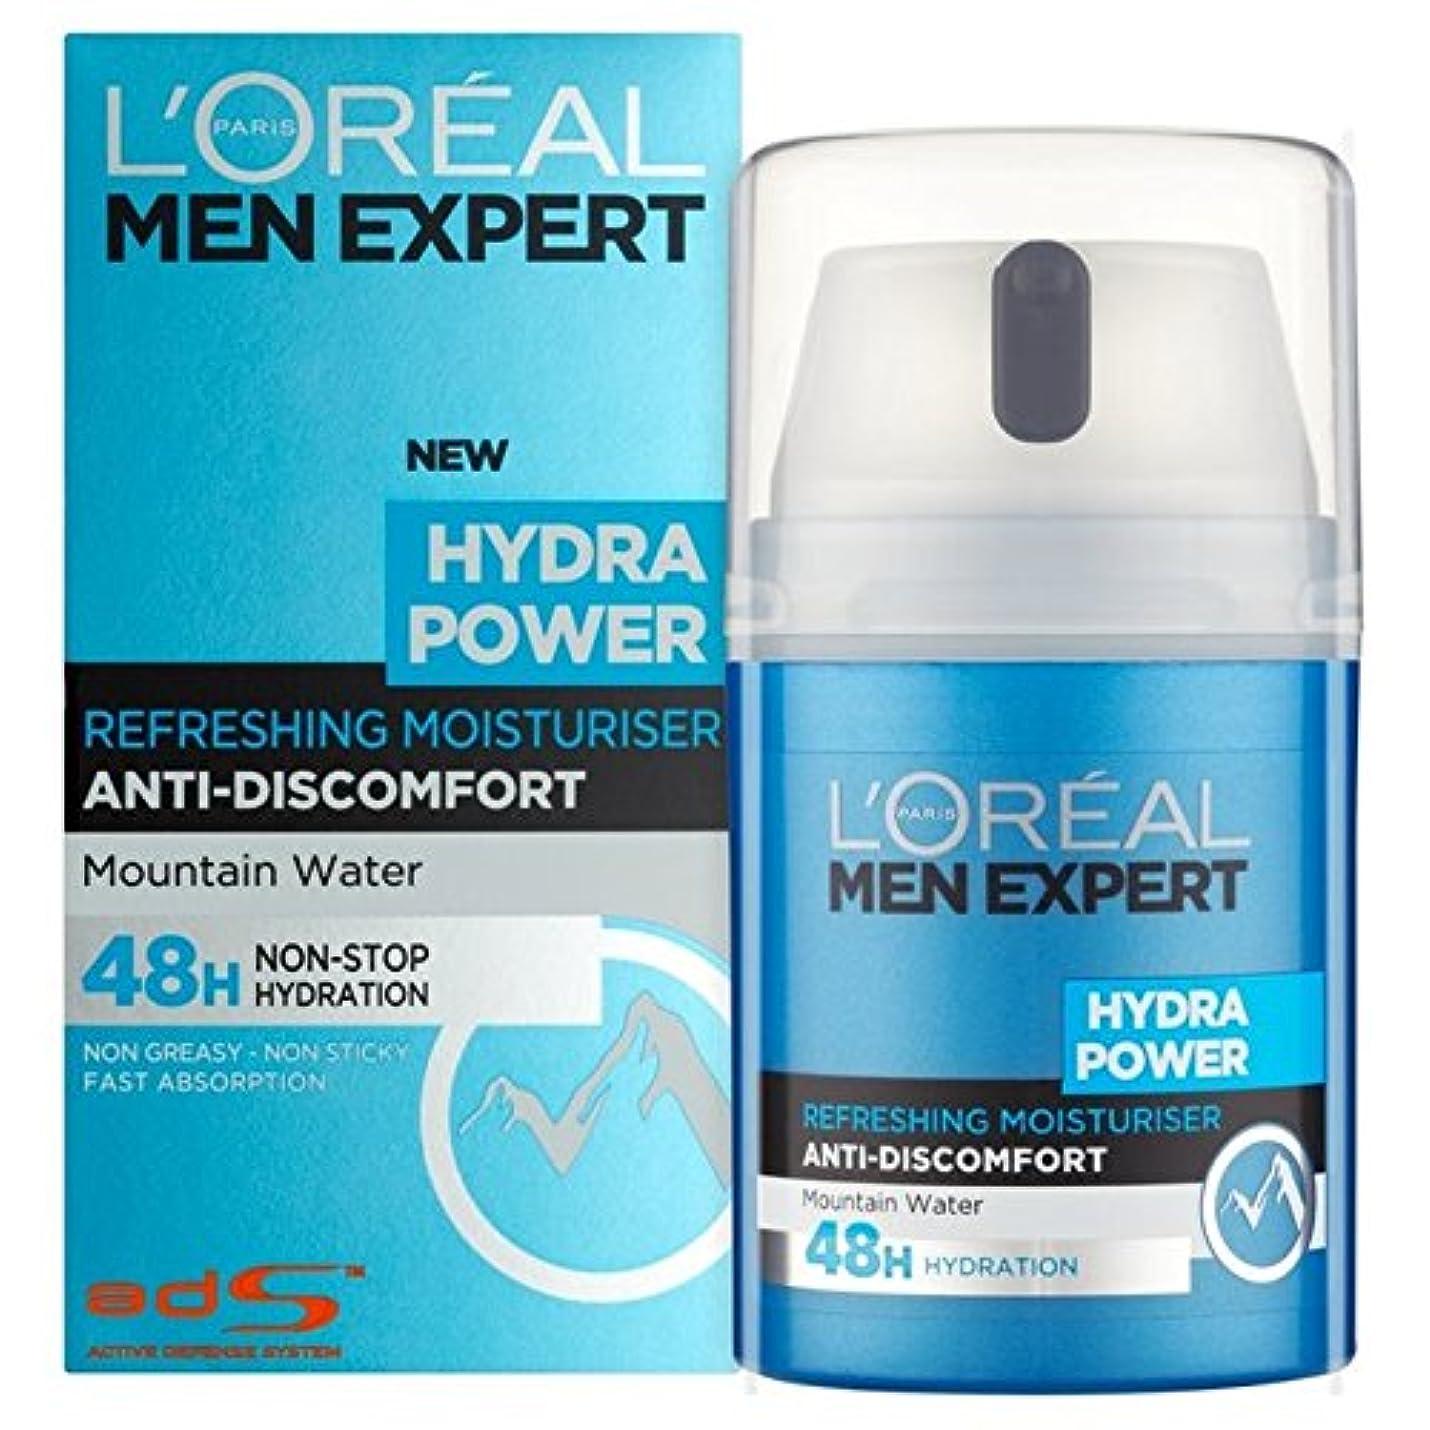 番目弁護知らせるL'Oreal Paris Men Expert Hydra Power Refreshing Moisturiser 50ml - ロレアルパリのメンズ専門ヒドラ電源爽やか保湿50ミリリットル [並行輸入品]